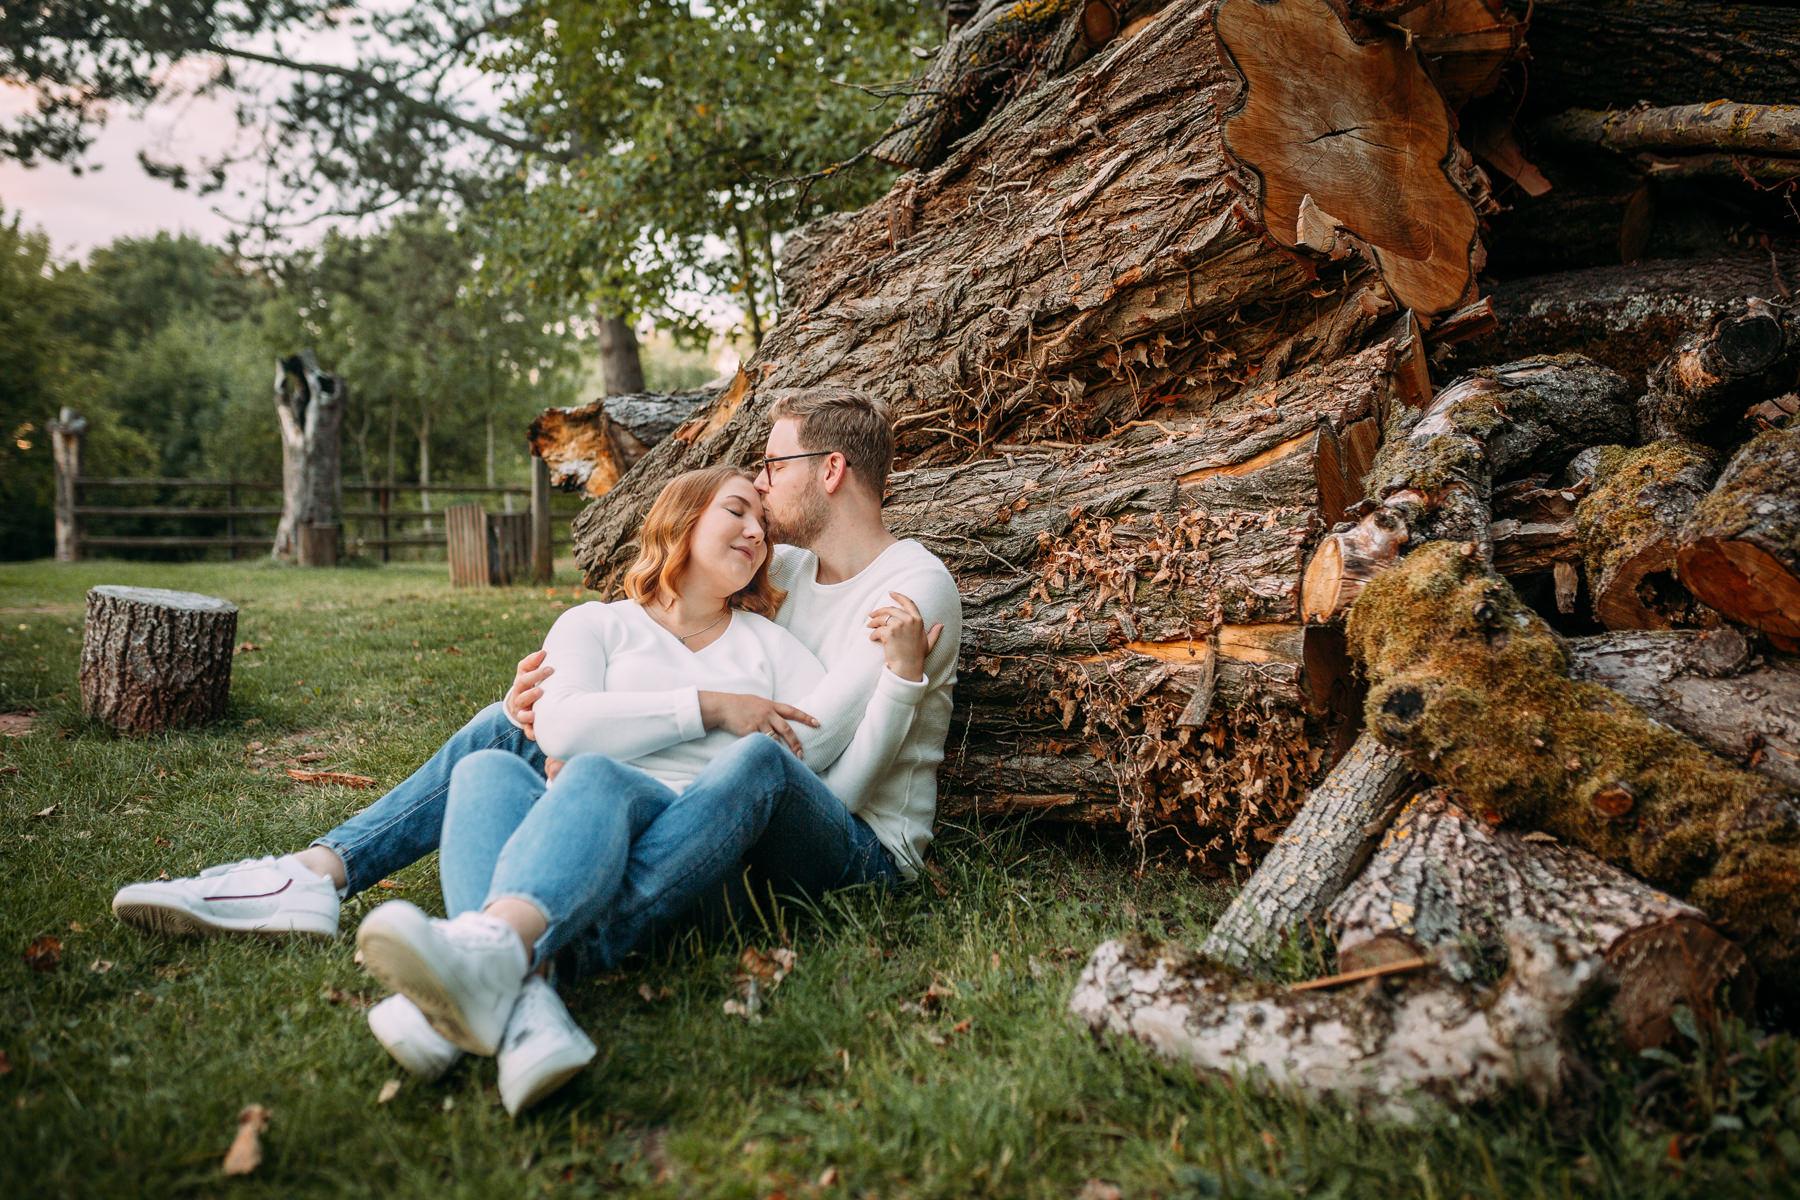 Paarshooting Dreieich - Paarfotografie - Kuscheln vor Holzstapel